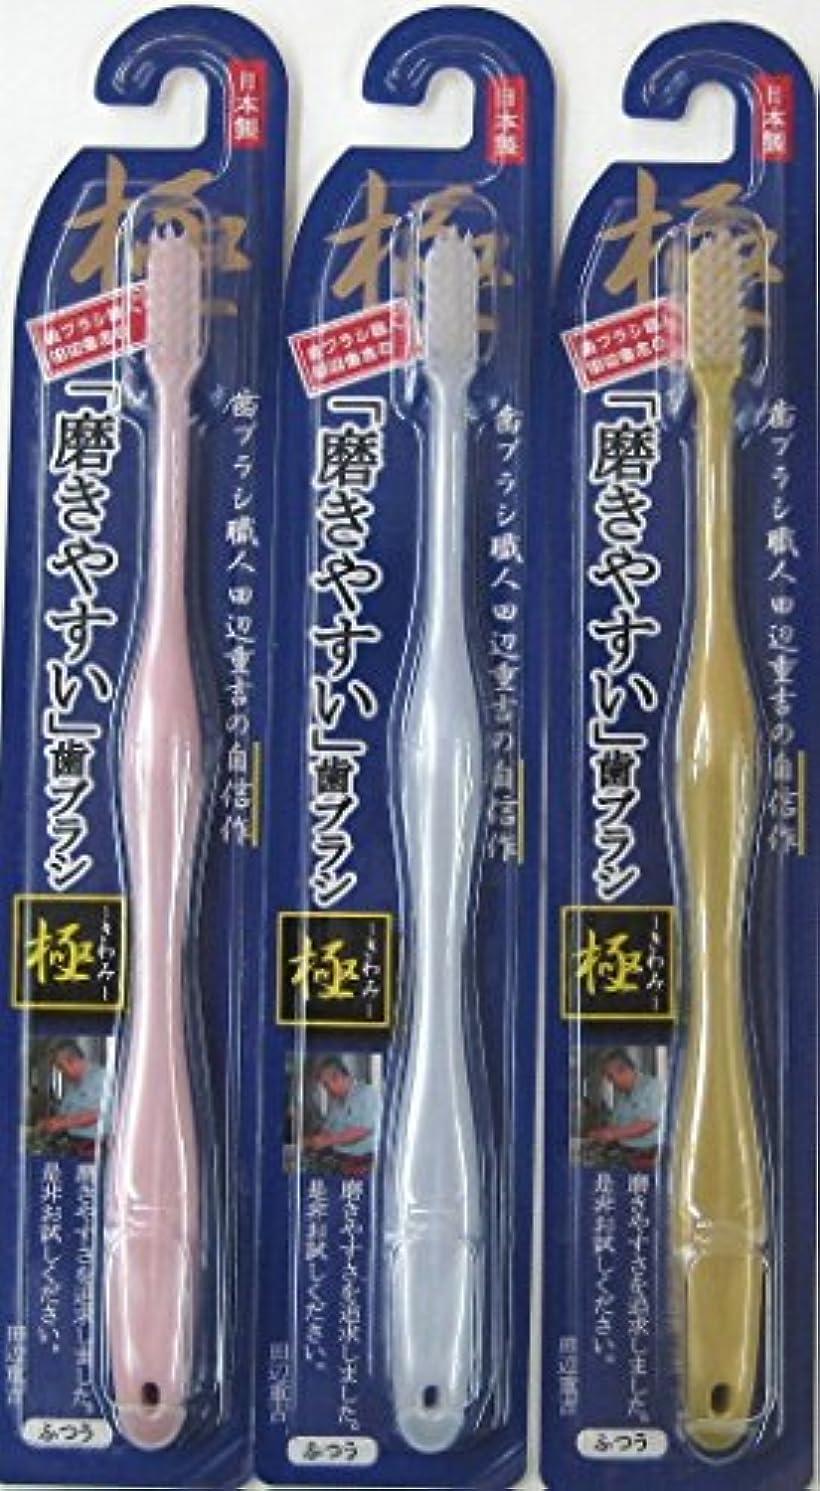 噂薄汚い工業用歯ブラシ職人 田辺重吉の磨きやすい歯ブラシ 極 LT-09(12本入)